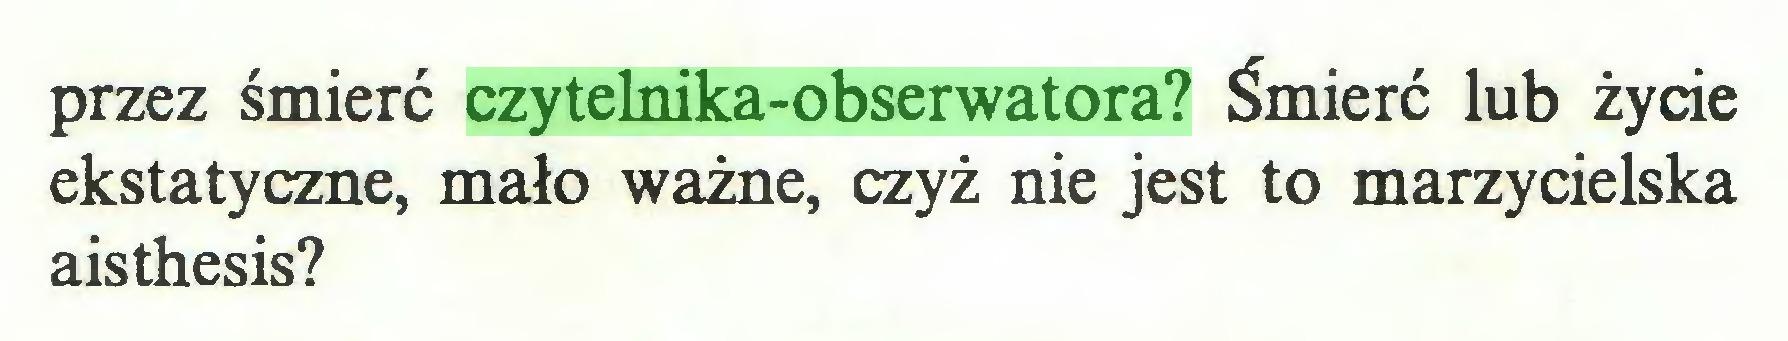 (...) przez śmierć czytelnika-obserwatora? Śmierć lub życie ekstatyczne, mało ważne, czyż nie jest to marzycielska aisthesis?...